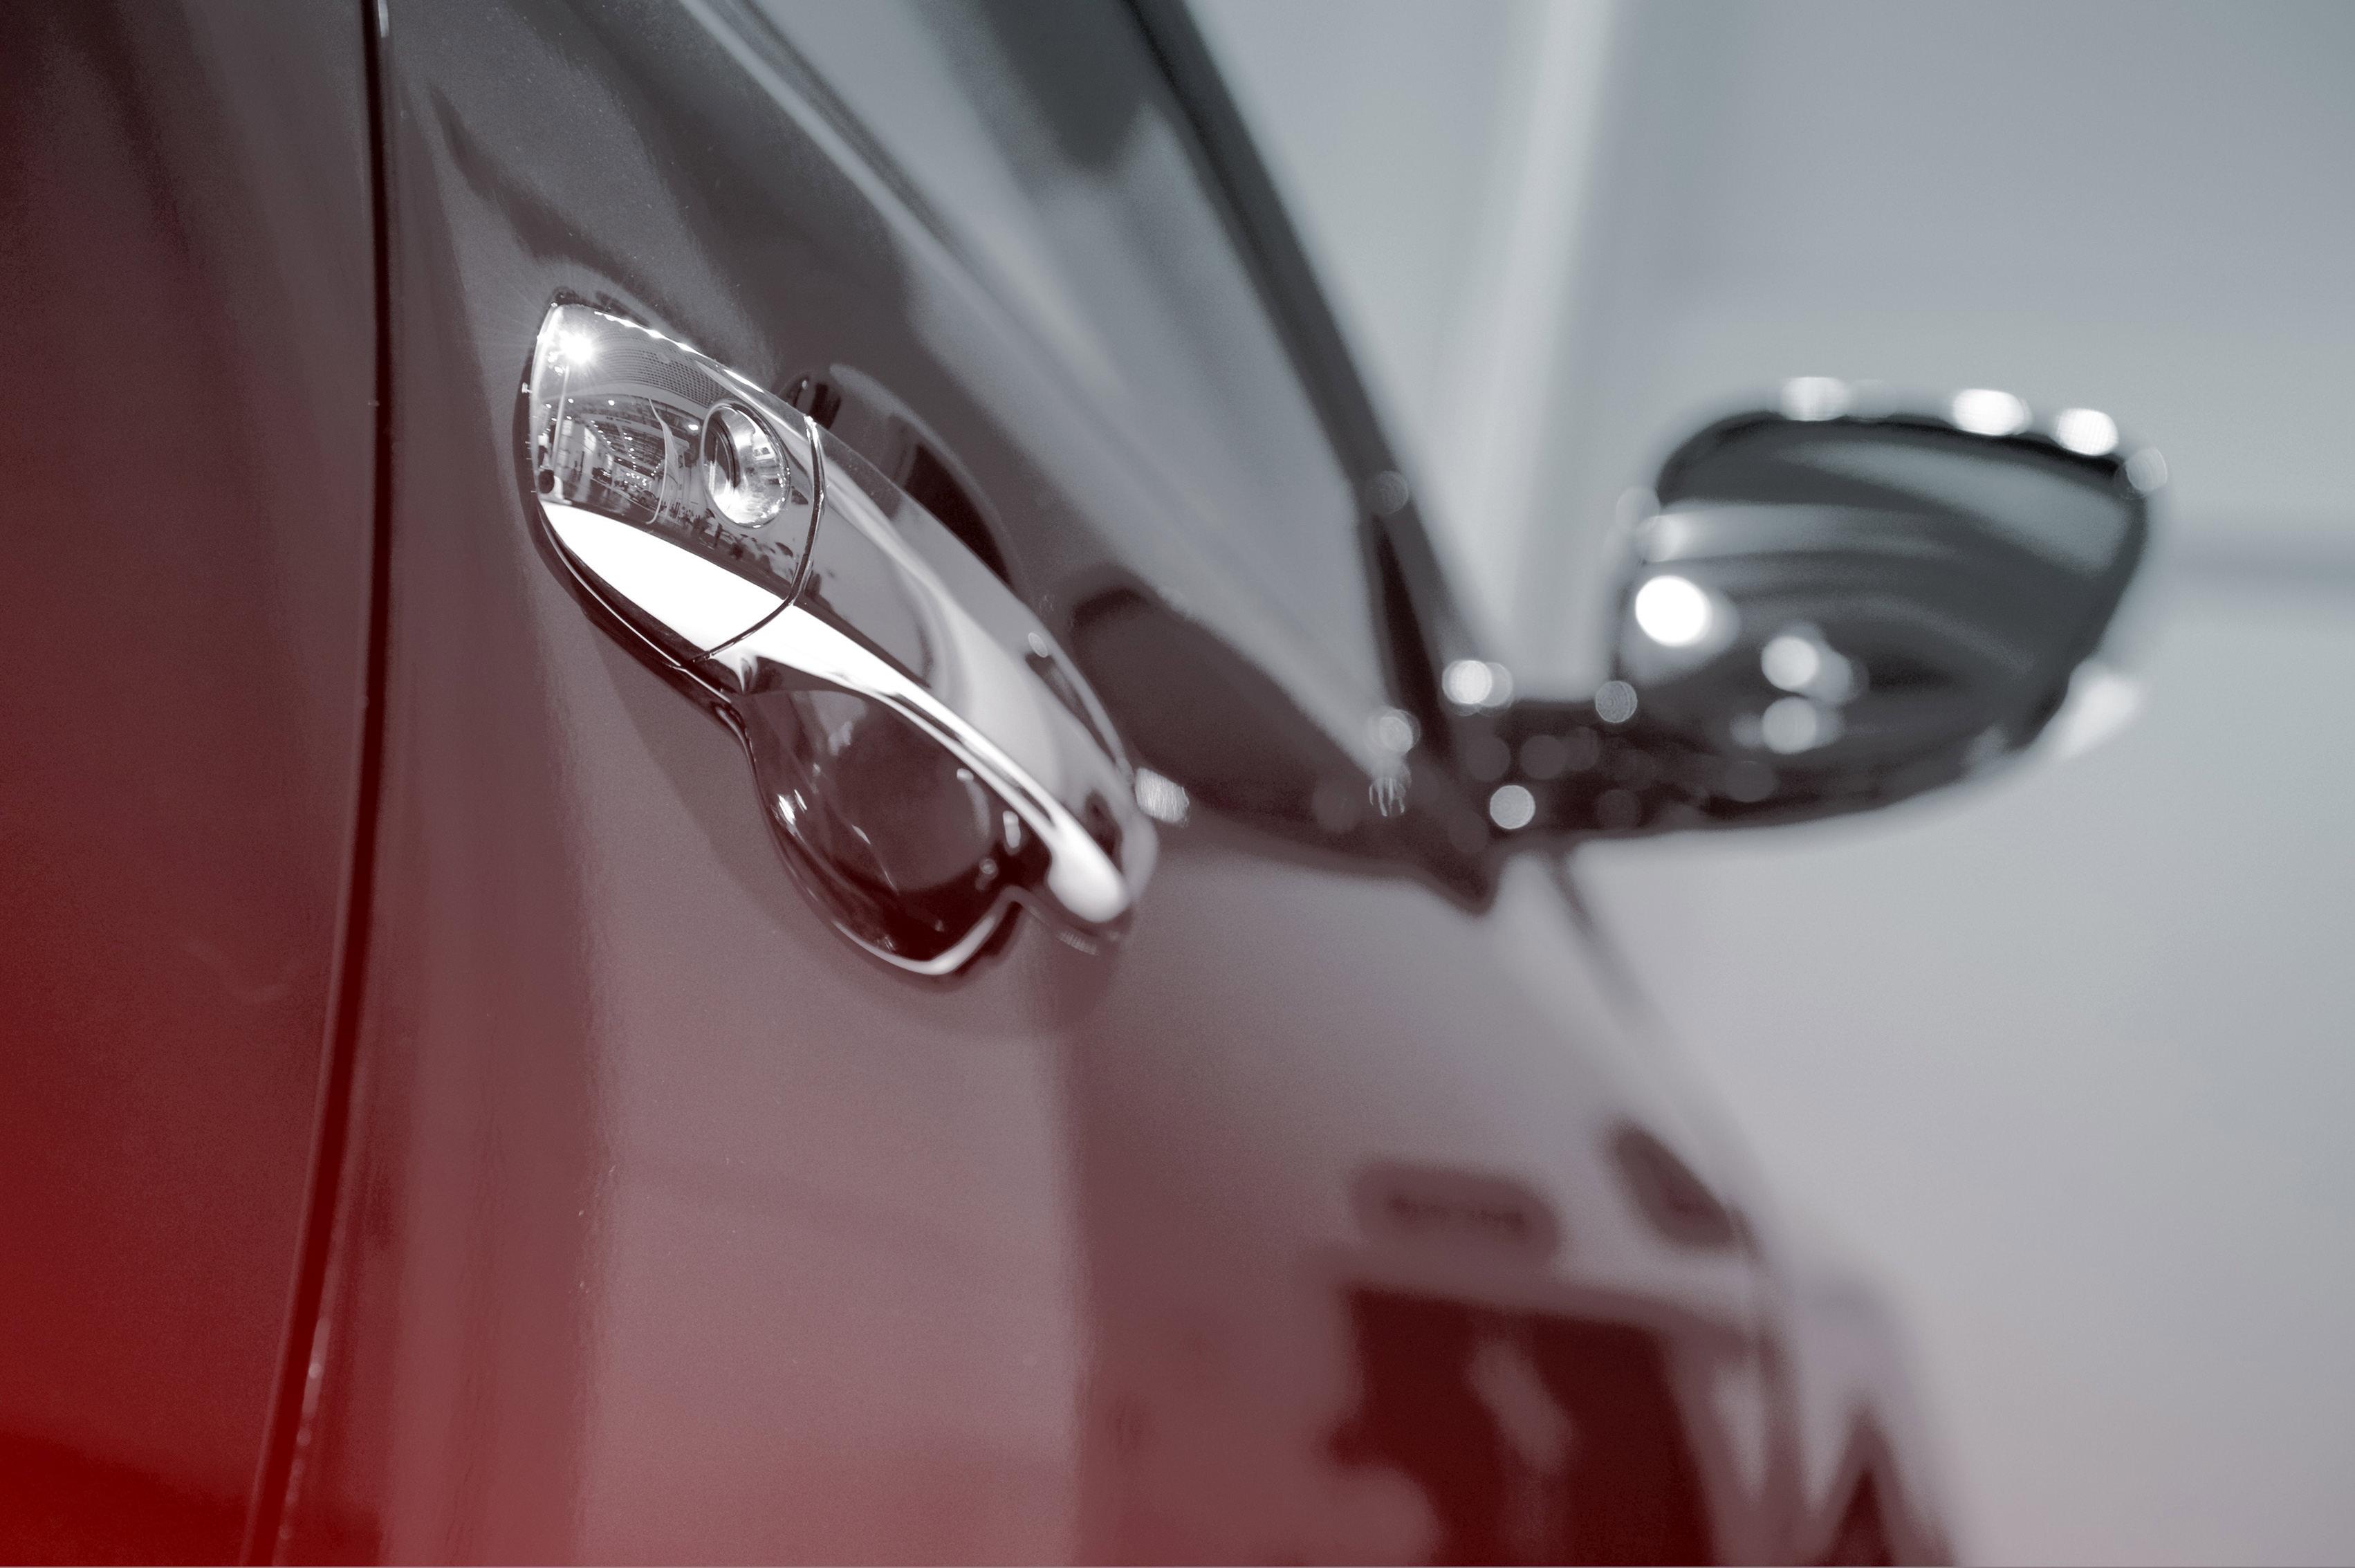 autowaschanlage_trocknungshilfe